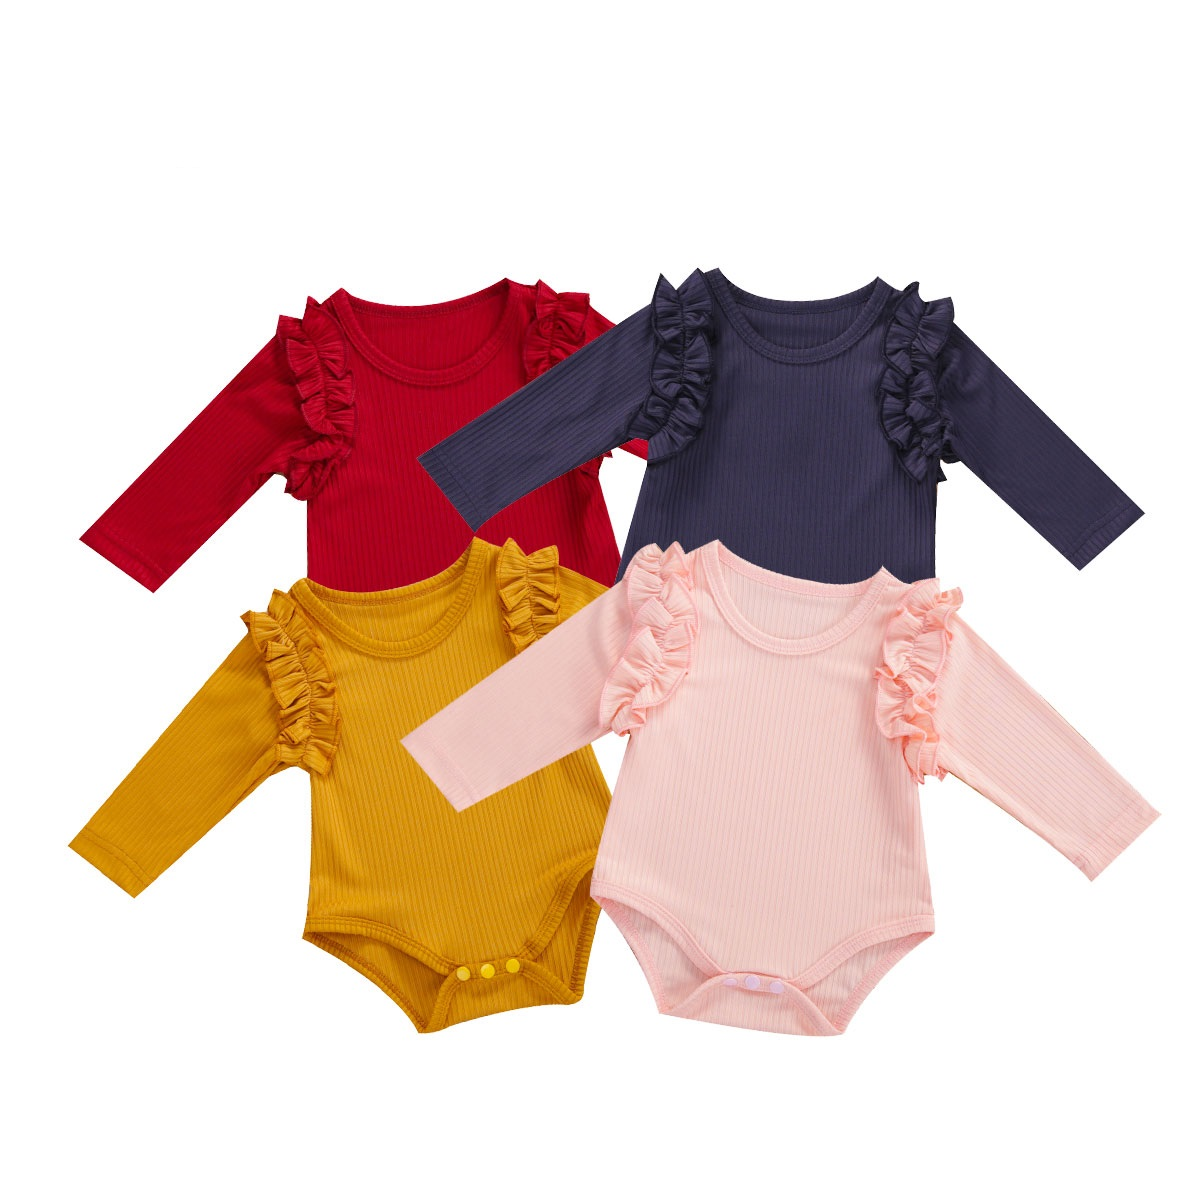 Outono outono infantil bebê meninas amarelo/rosa/branco/vermelho/azul manga longa doce babados bodysuit + bandana 2 peças conjunto roupas